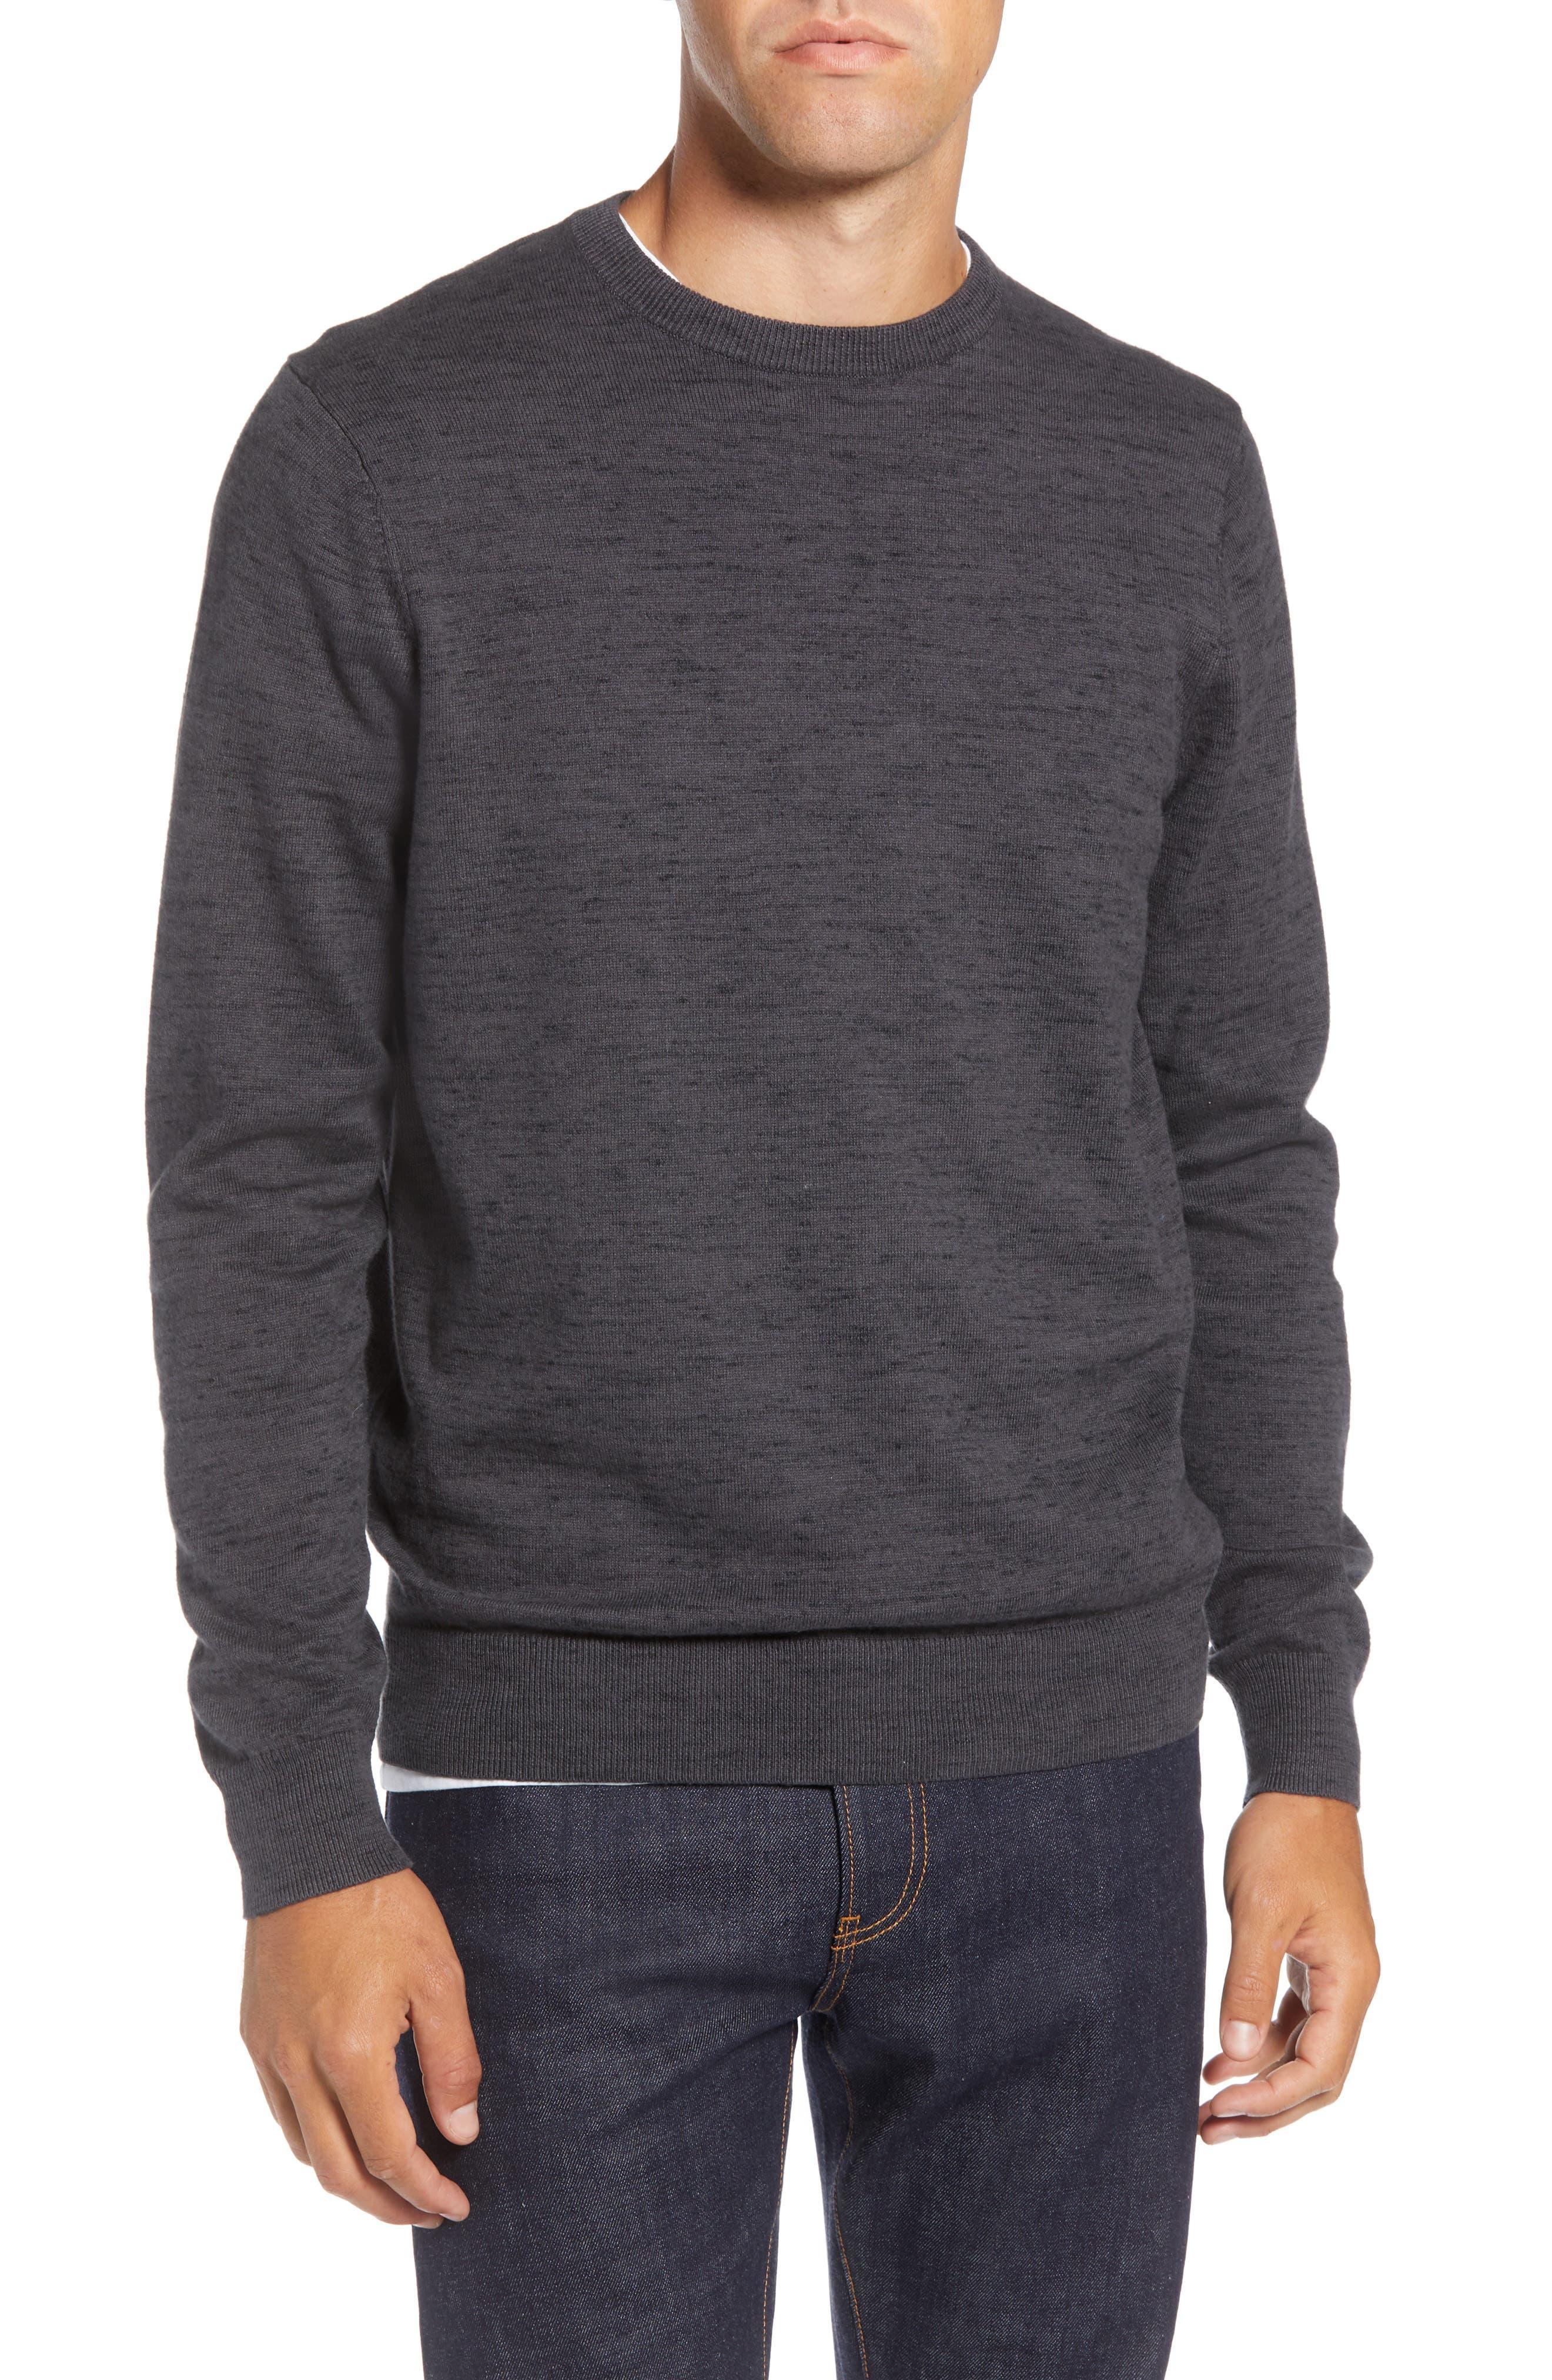 Regular Fit Crewneck Sweater,                             Main thumbnail 1, color,                             GREY DARK CHARCOAL HEATHER